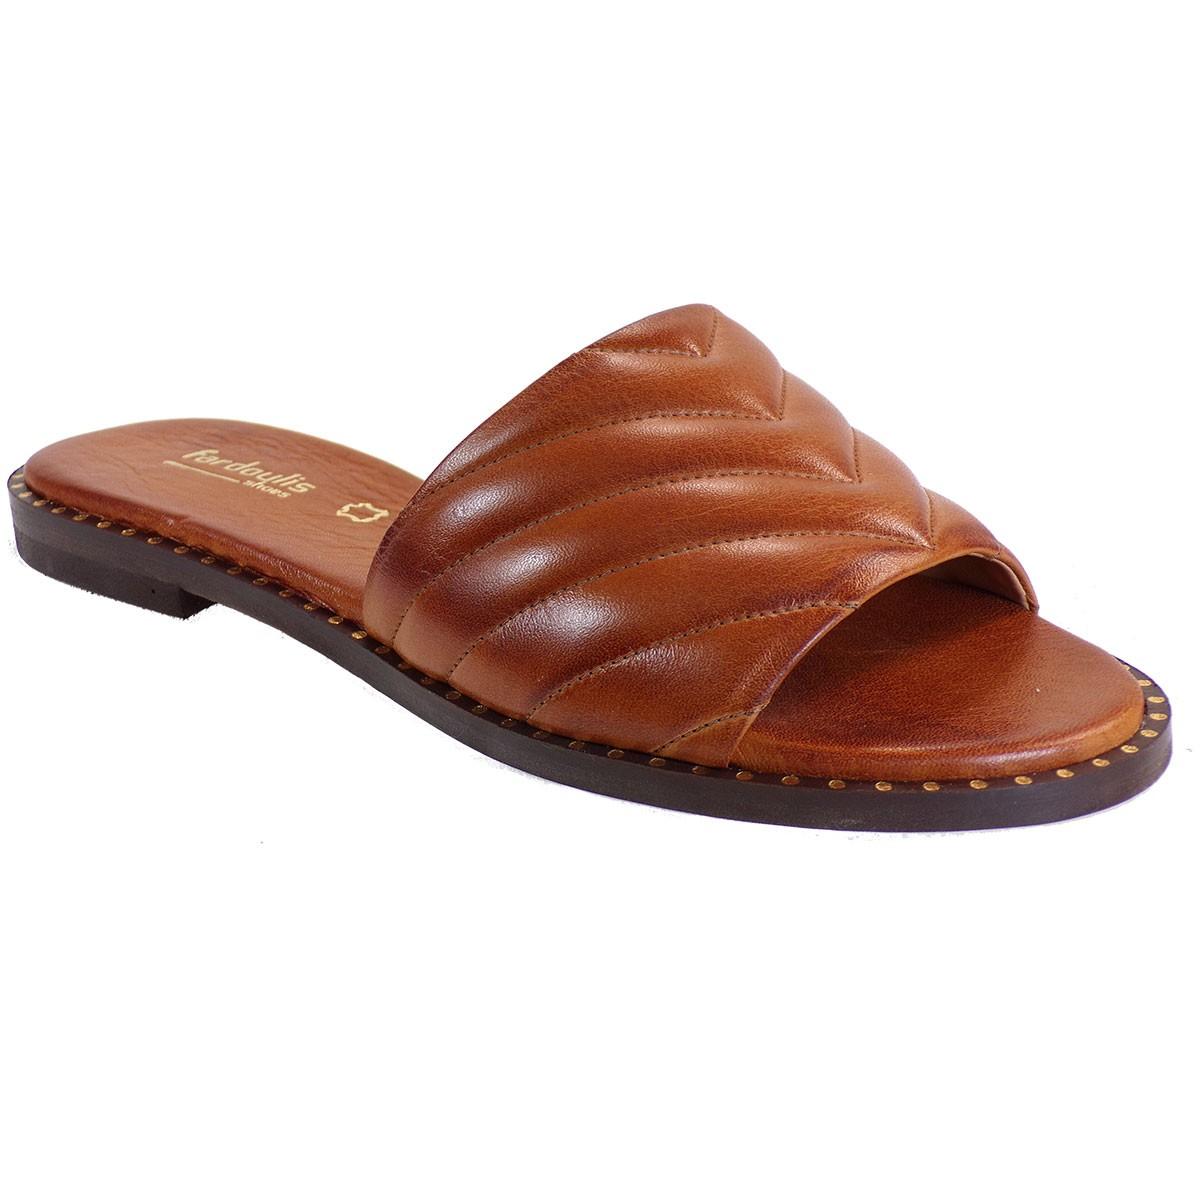 Fardoulis shoes Γυναικείες Παντόφλες 115-74 Ταμπά Δέρμα